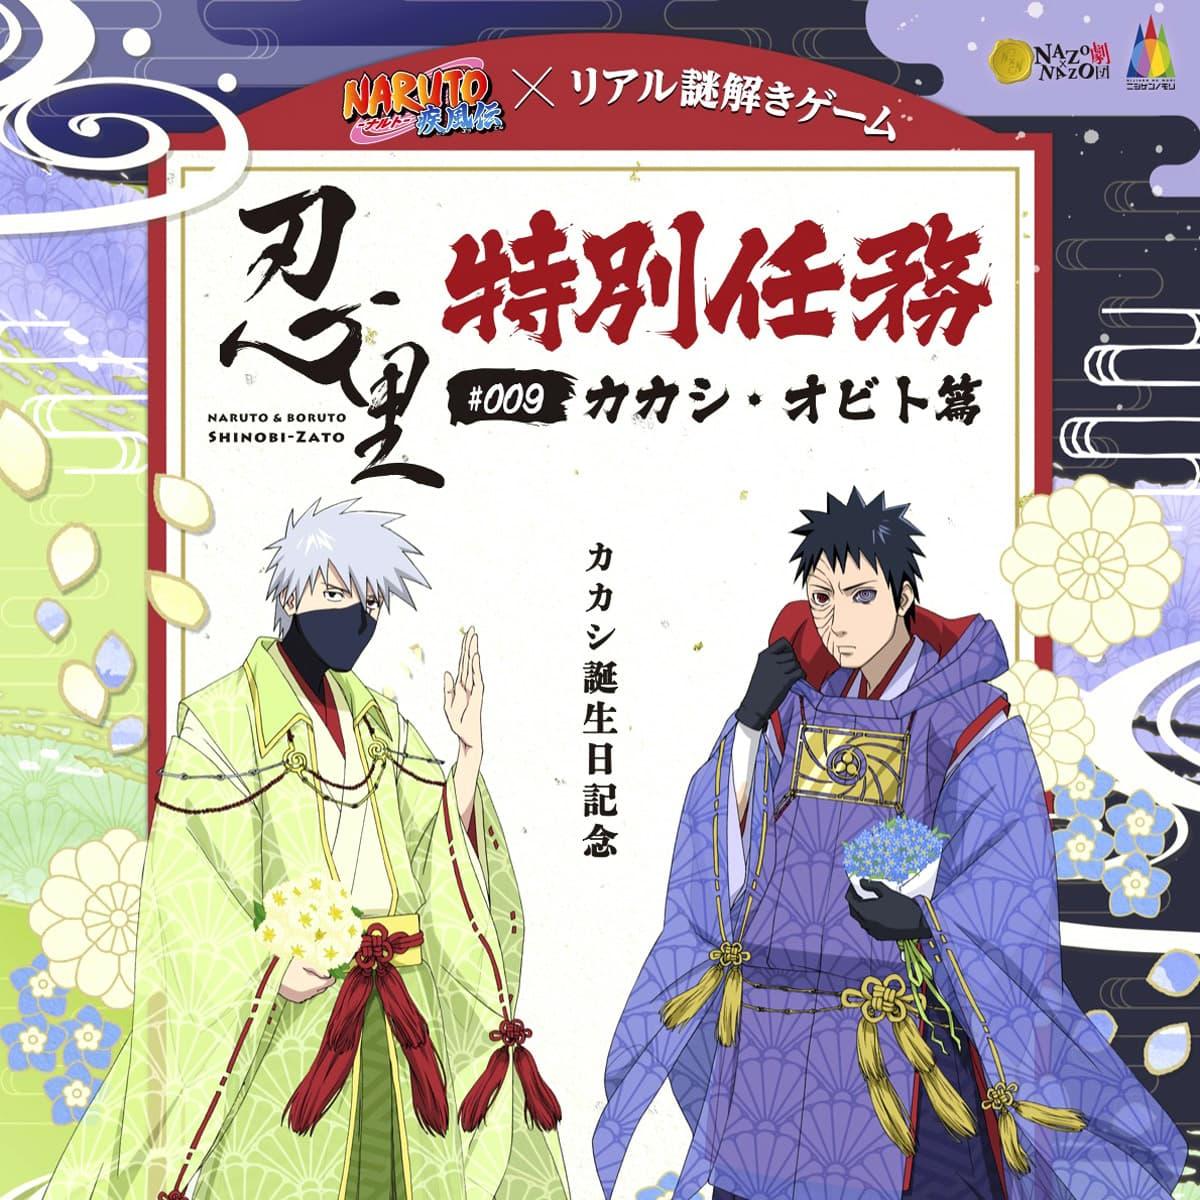 カカシ誕生日「リアル謎解きゲーム」NARUTO&BORUTO忍里